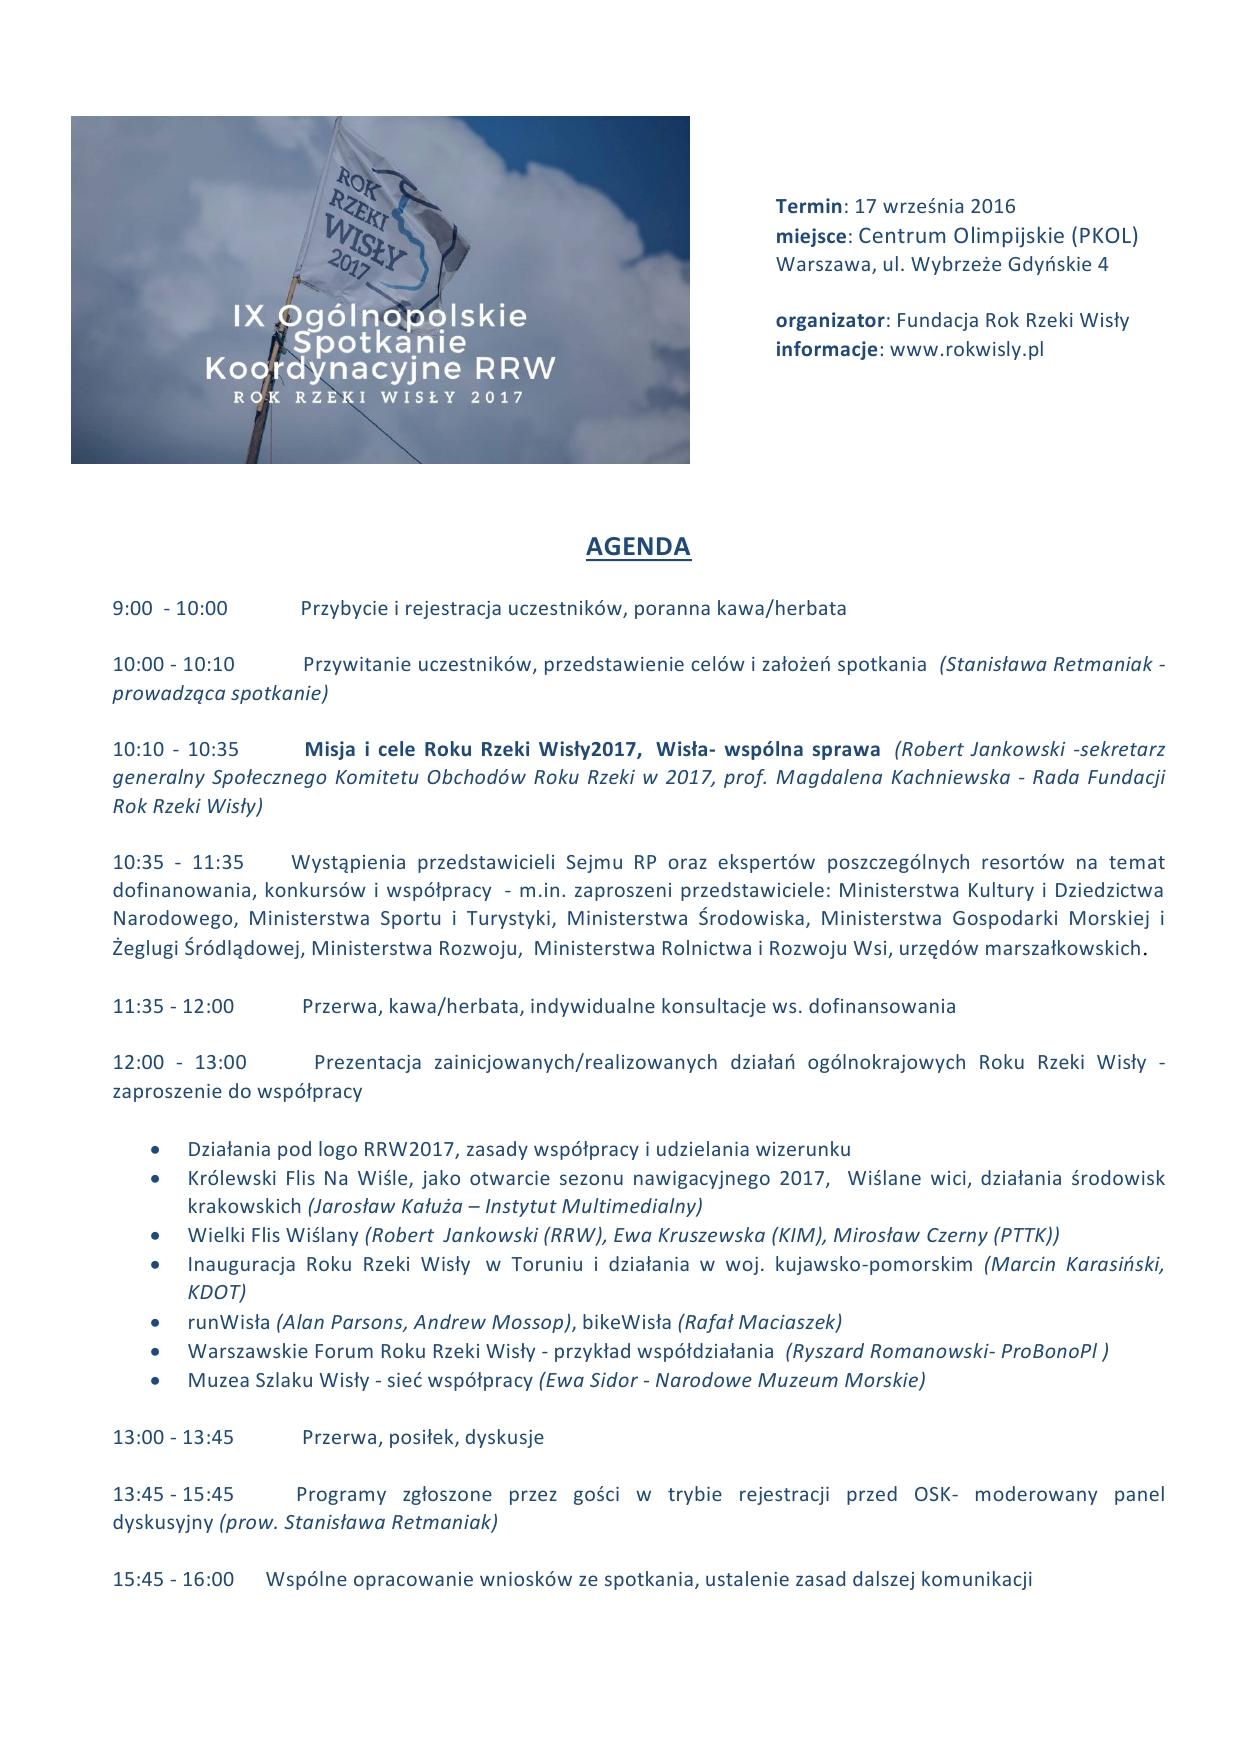 OSK agenda